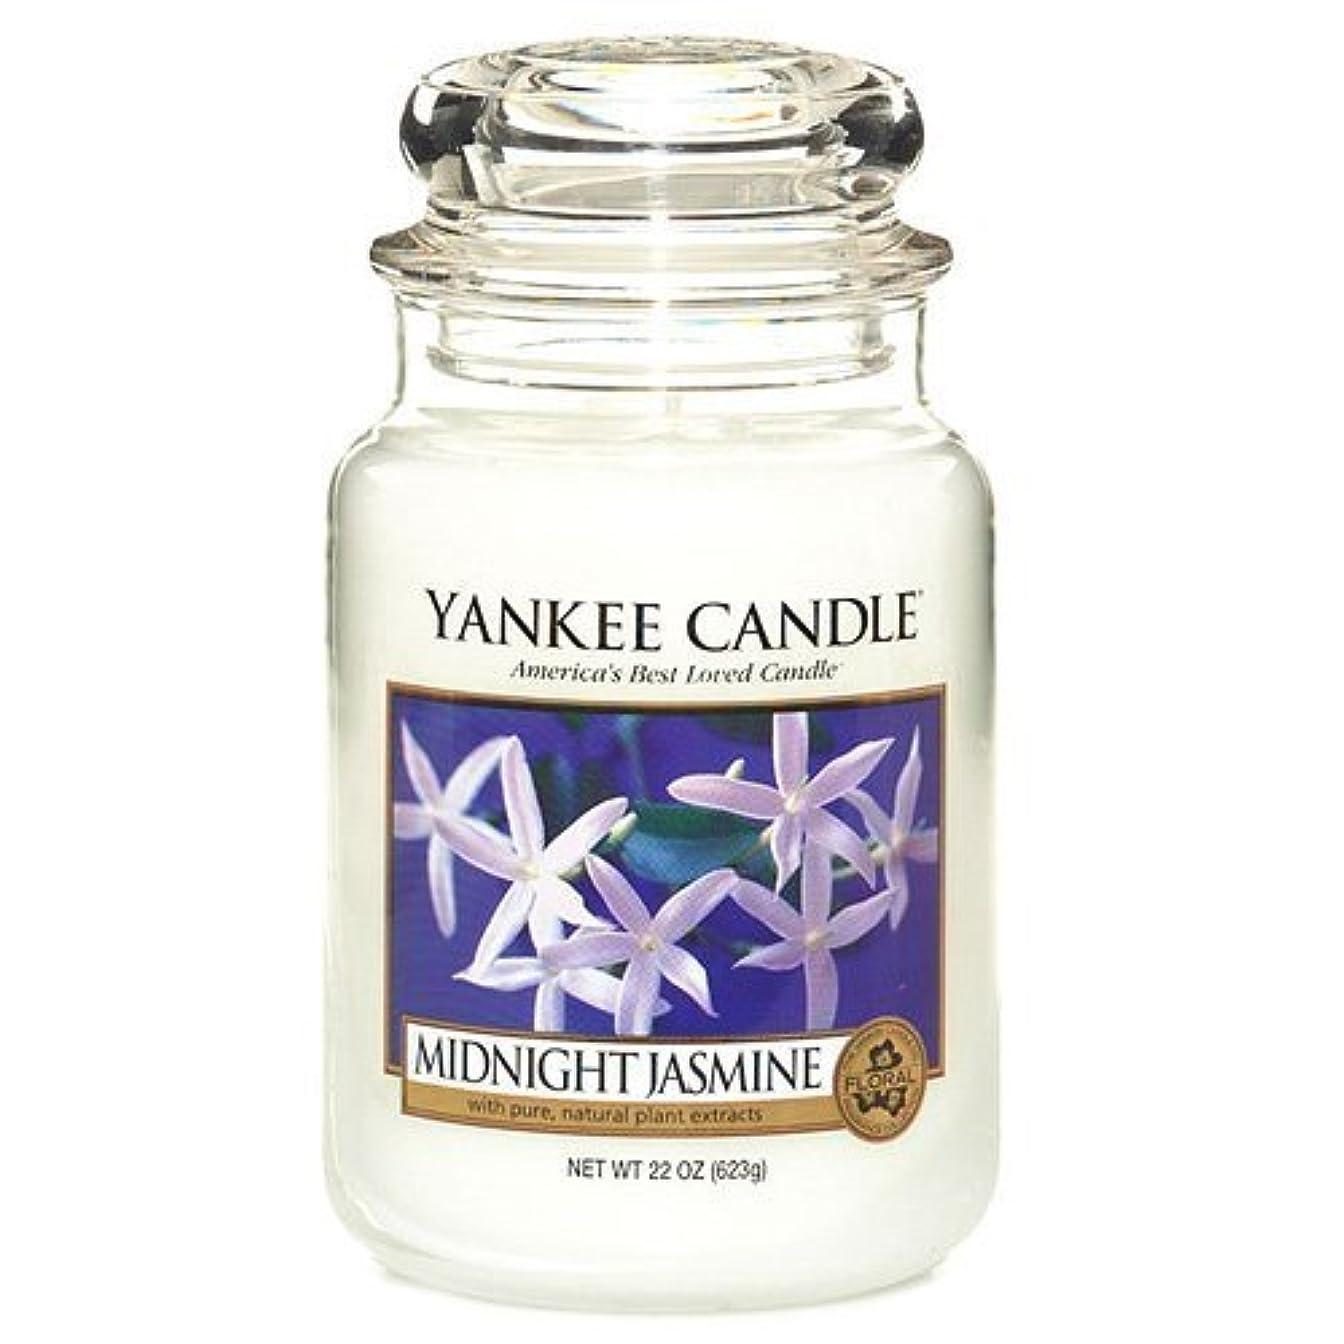 うがい広くお母さんYankee Candle Housewarmer Jar (Midnight Jasmine) - Large (22 oz) by Yankee Candle [並行輸入品]